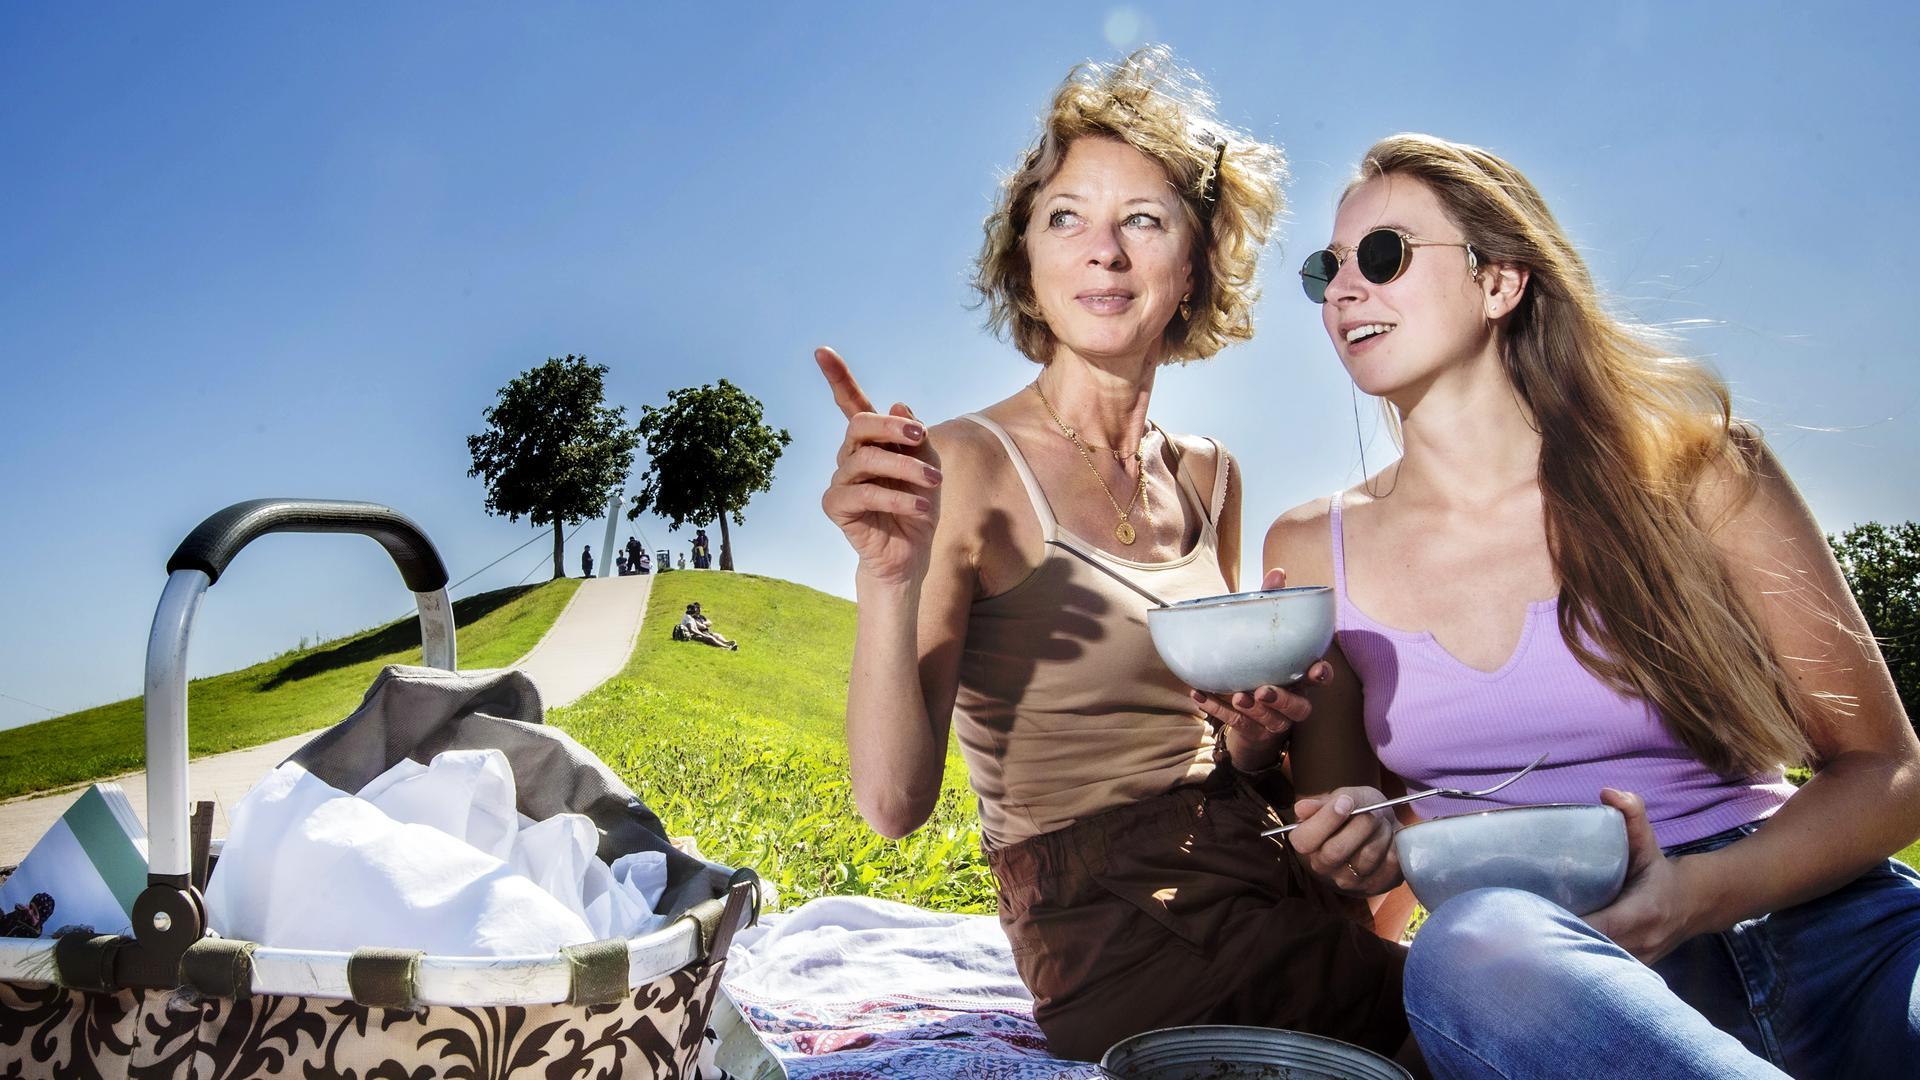 """Sonnige Aussichten zum Herbstbeginn: Bei sommerlichen Temperaturen zieht es viele Menschen in Schwimmbäder, Biergärten oder eben zum Picknicken vor den """"Mount Klotz"""" in Karlsruhe."""